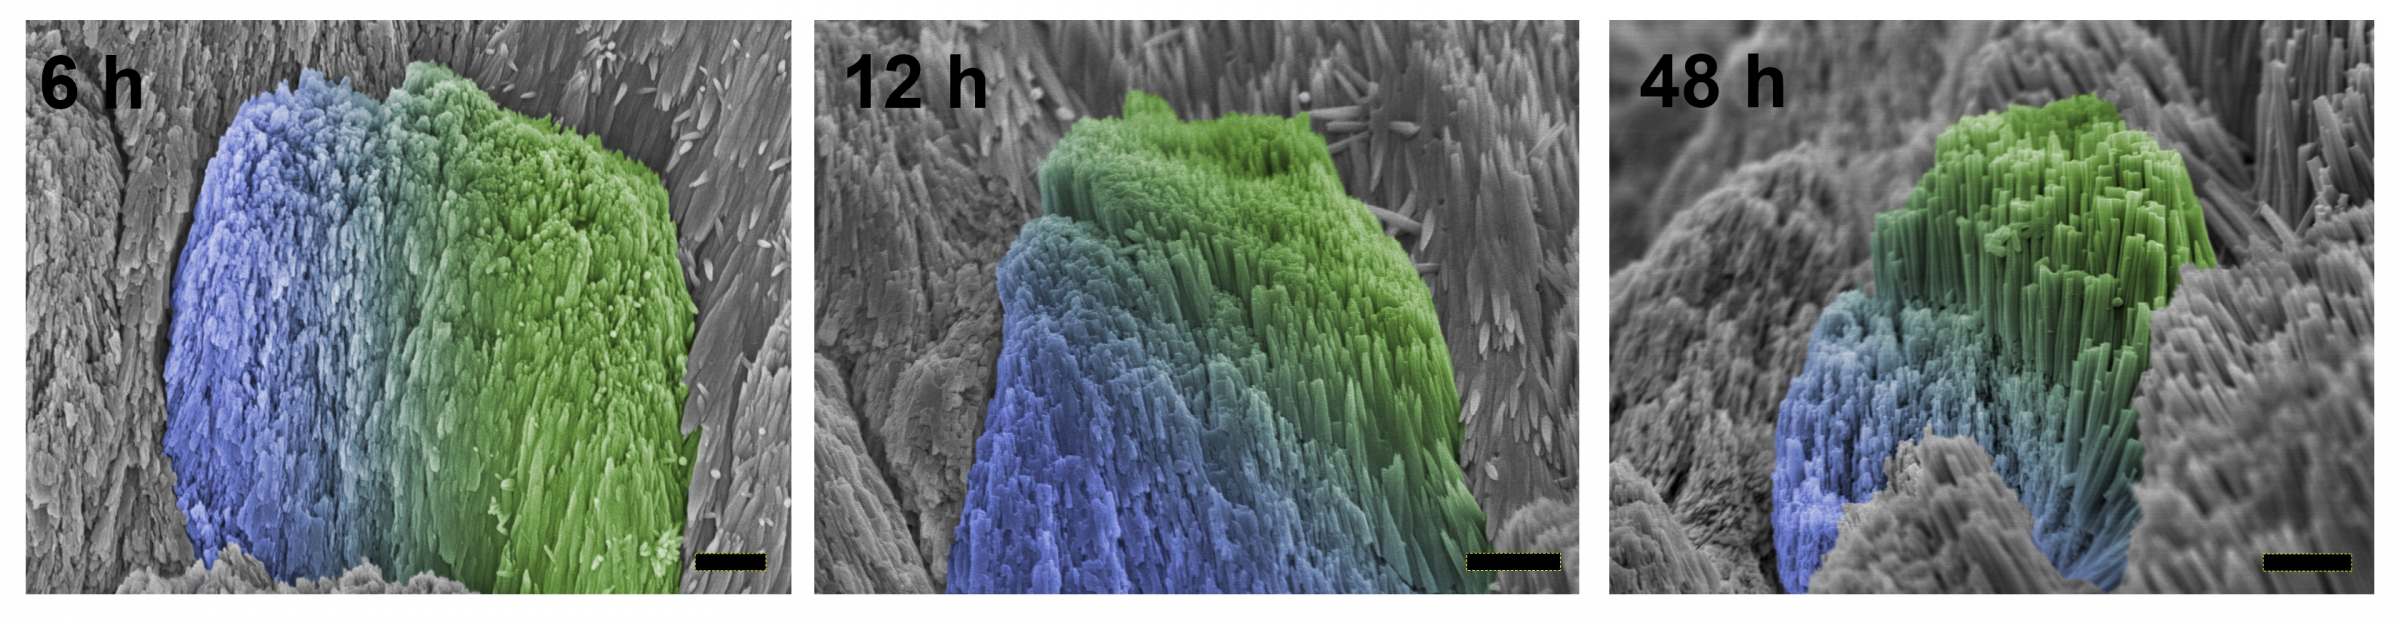 האמייל הטבעי (כחול) והמתוקן (ירוק) 6, 12 ו-48 שעות לאחר מריחת הג'ל   צילום במיקרוסקופ אלקטרונים מתוך מאמר המחקר